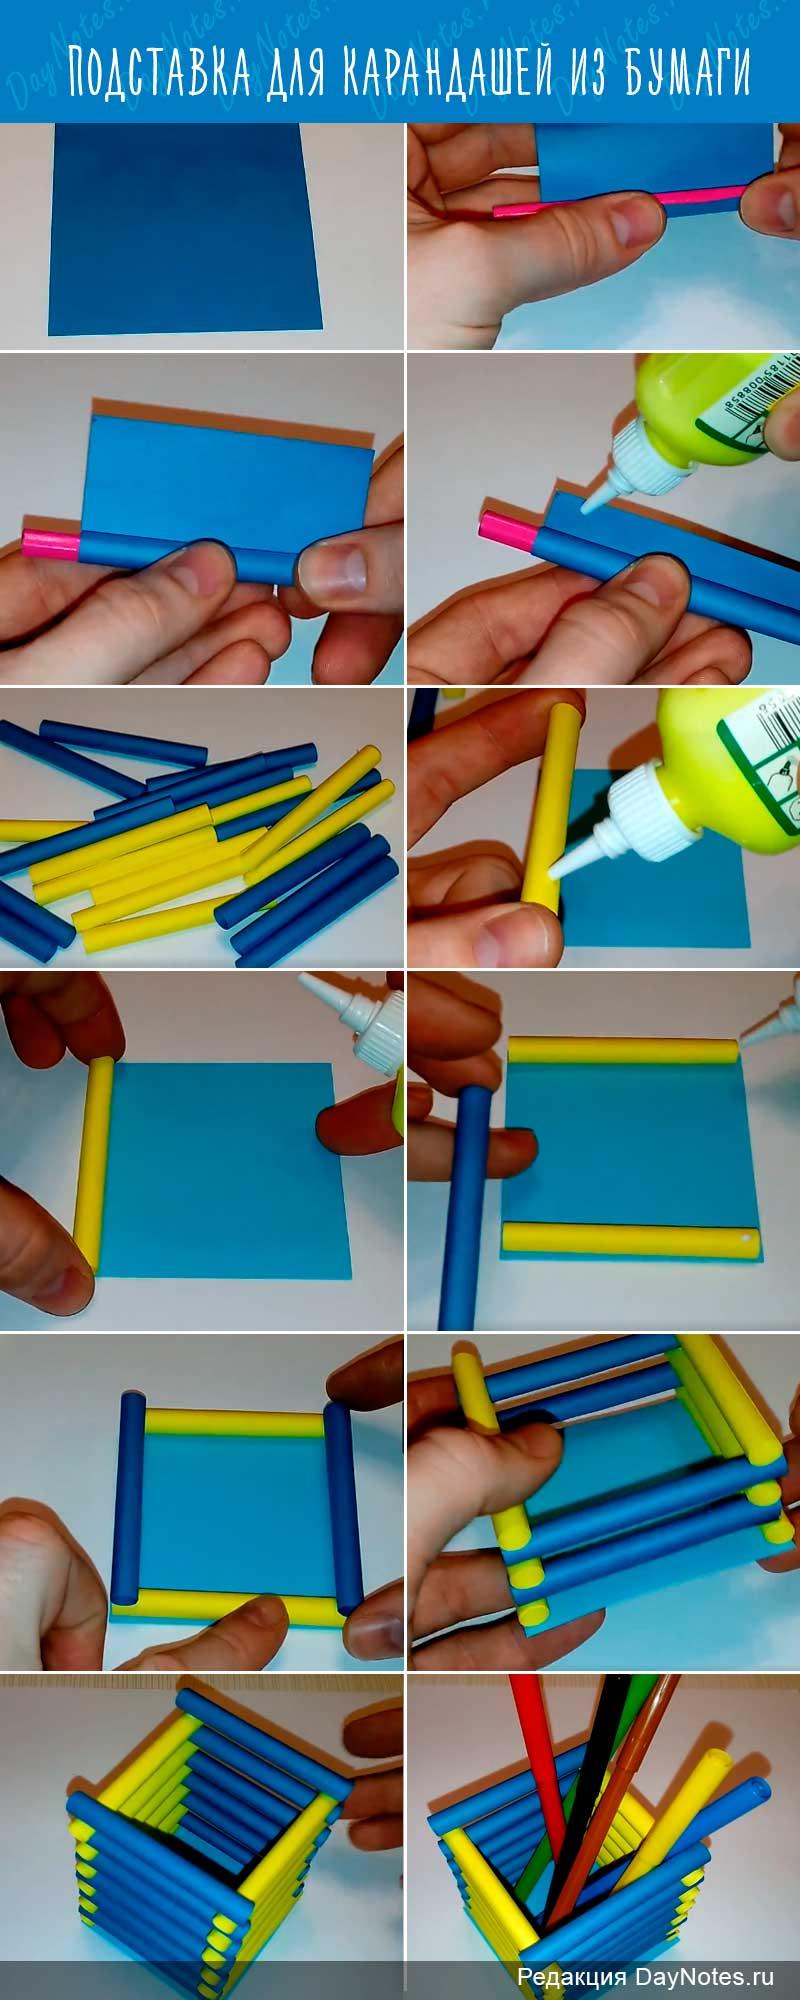 делается подставка для карандашей своими руками